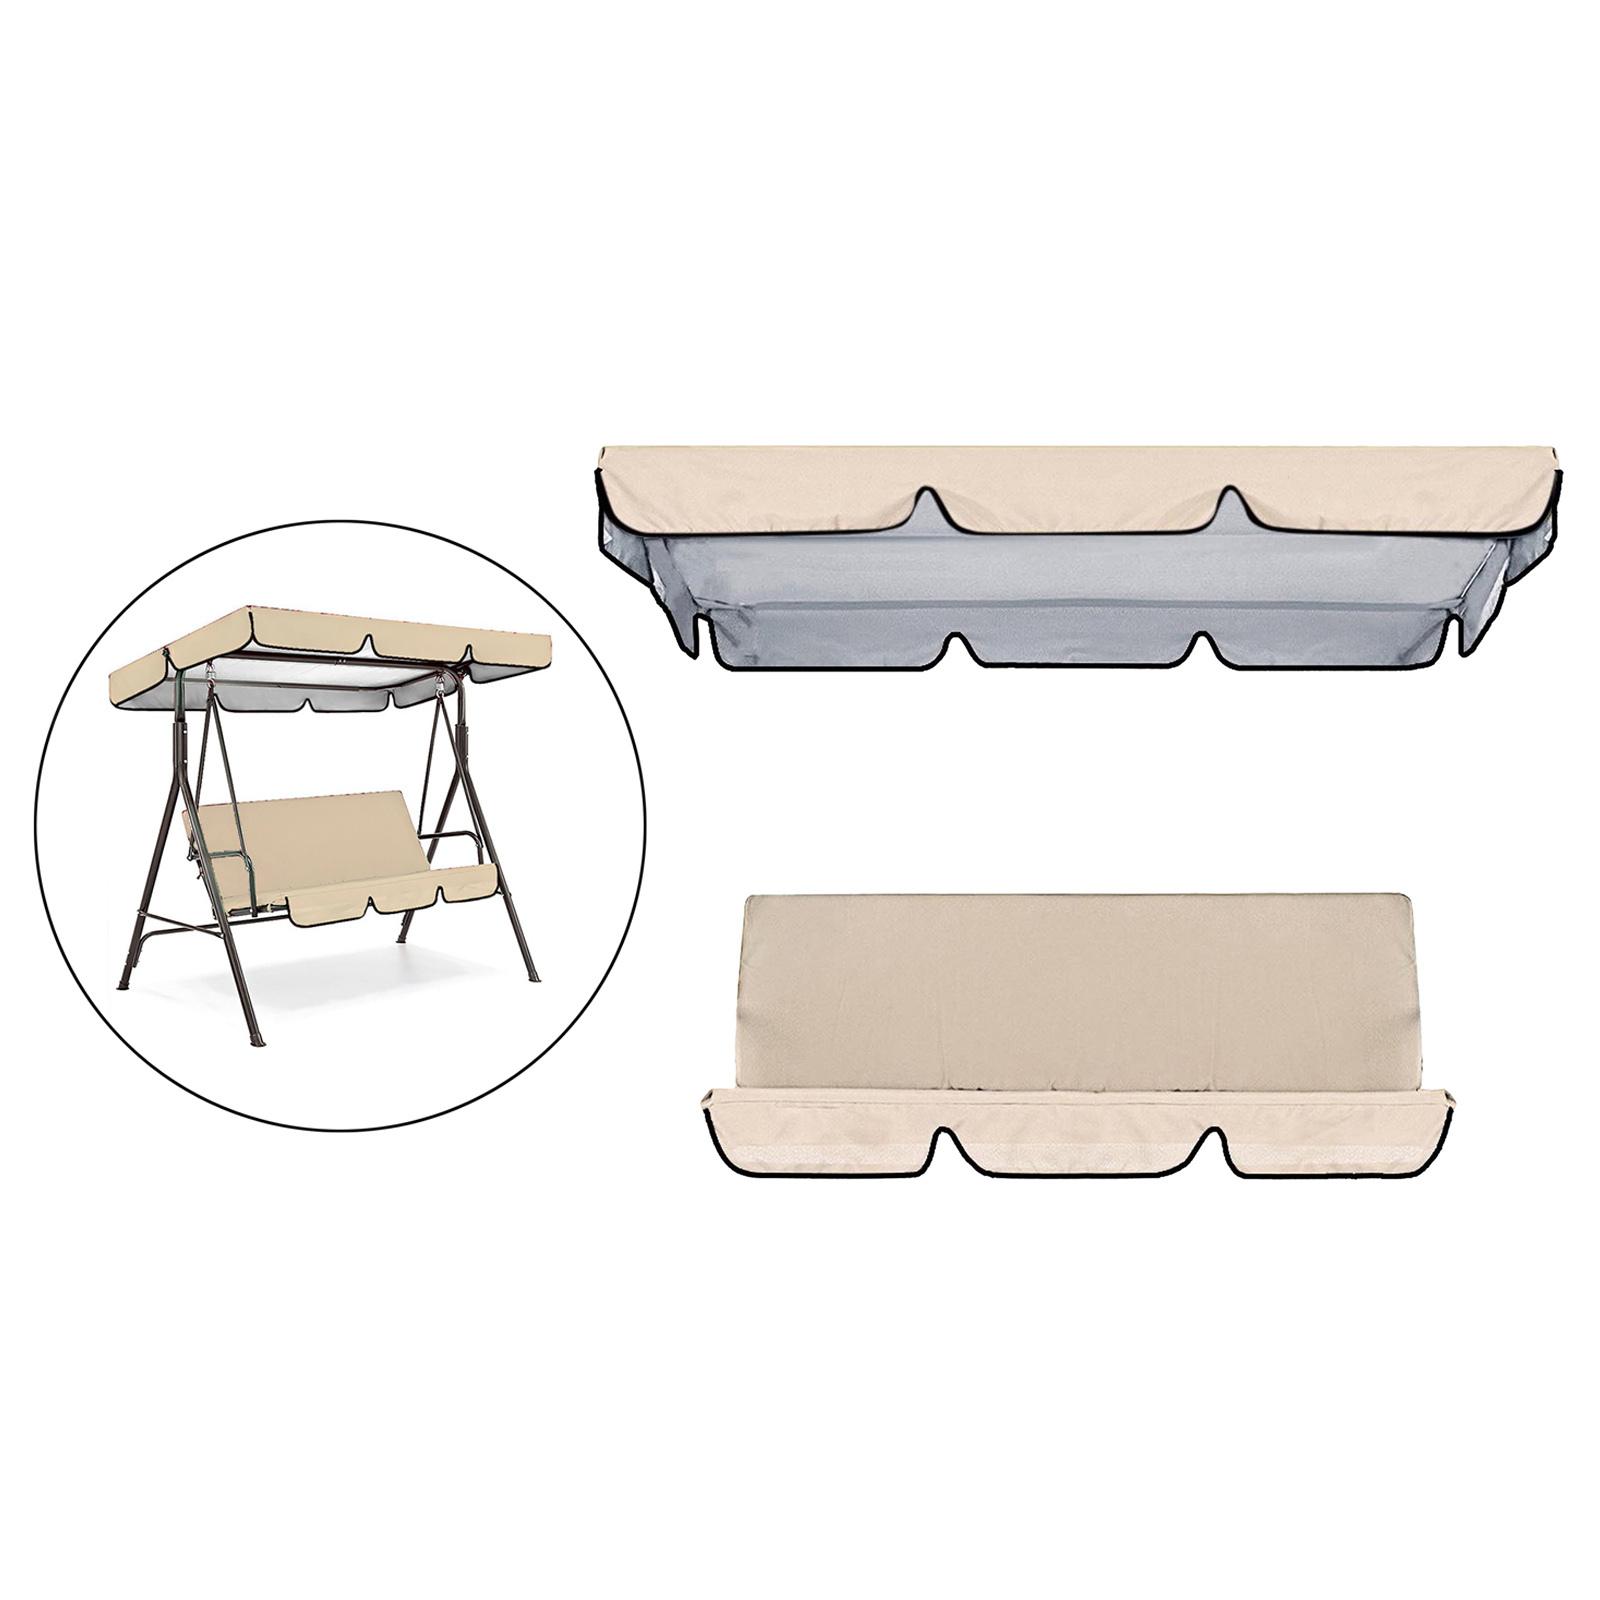 miniatura 29 - Sostituzione della copertura della sedia a dondolo da esterno per patio,